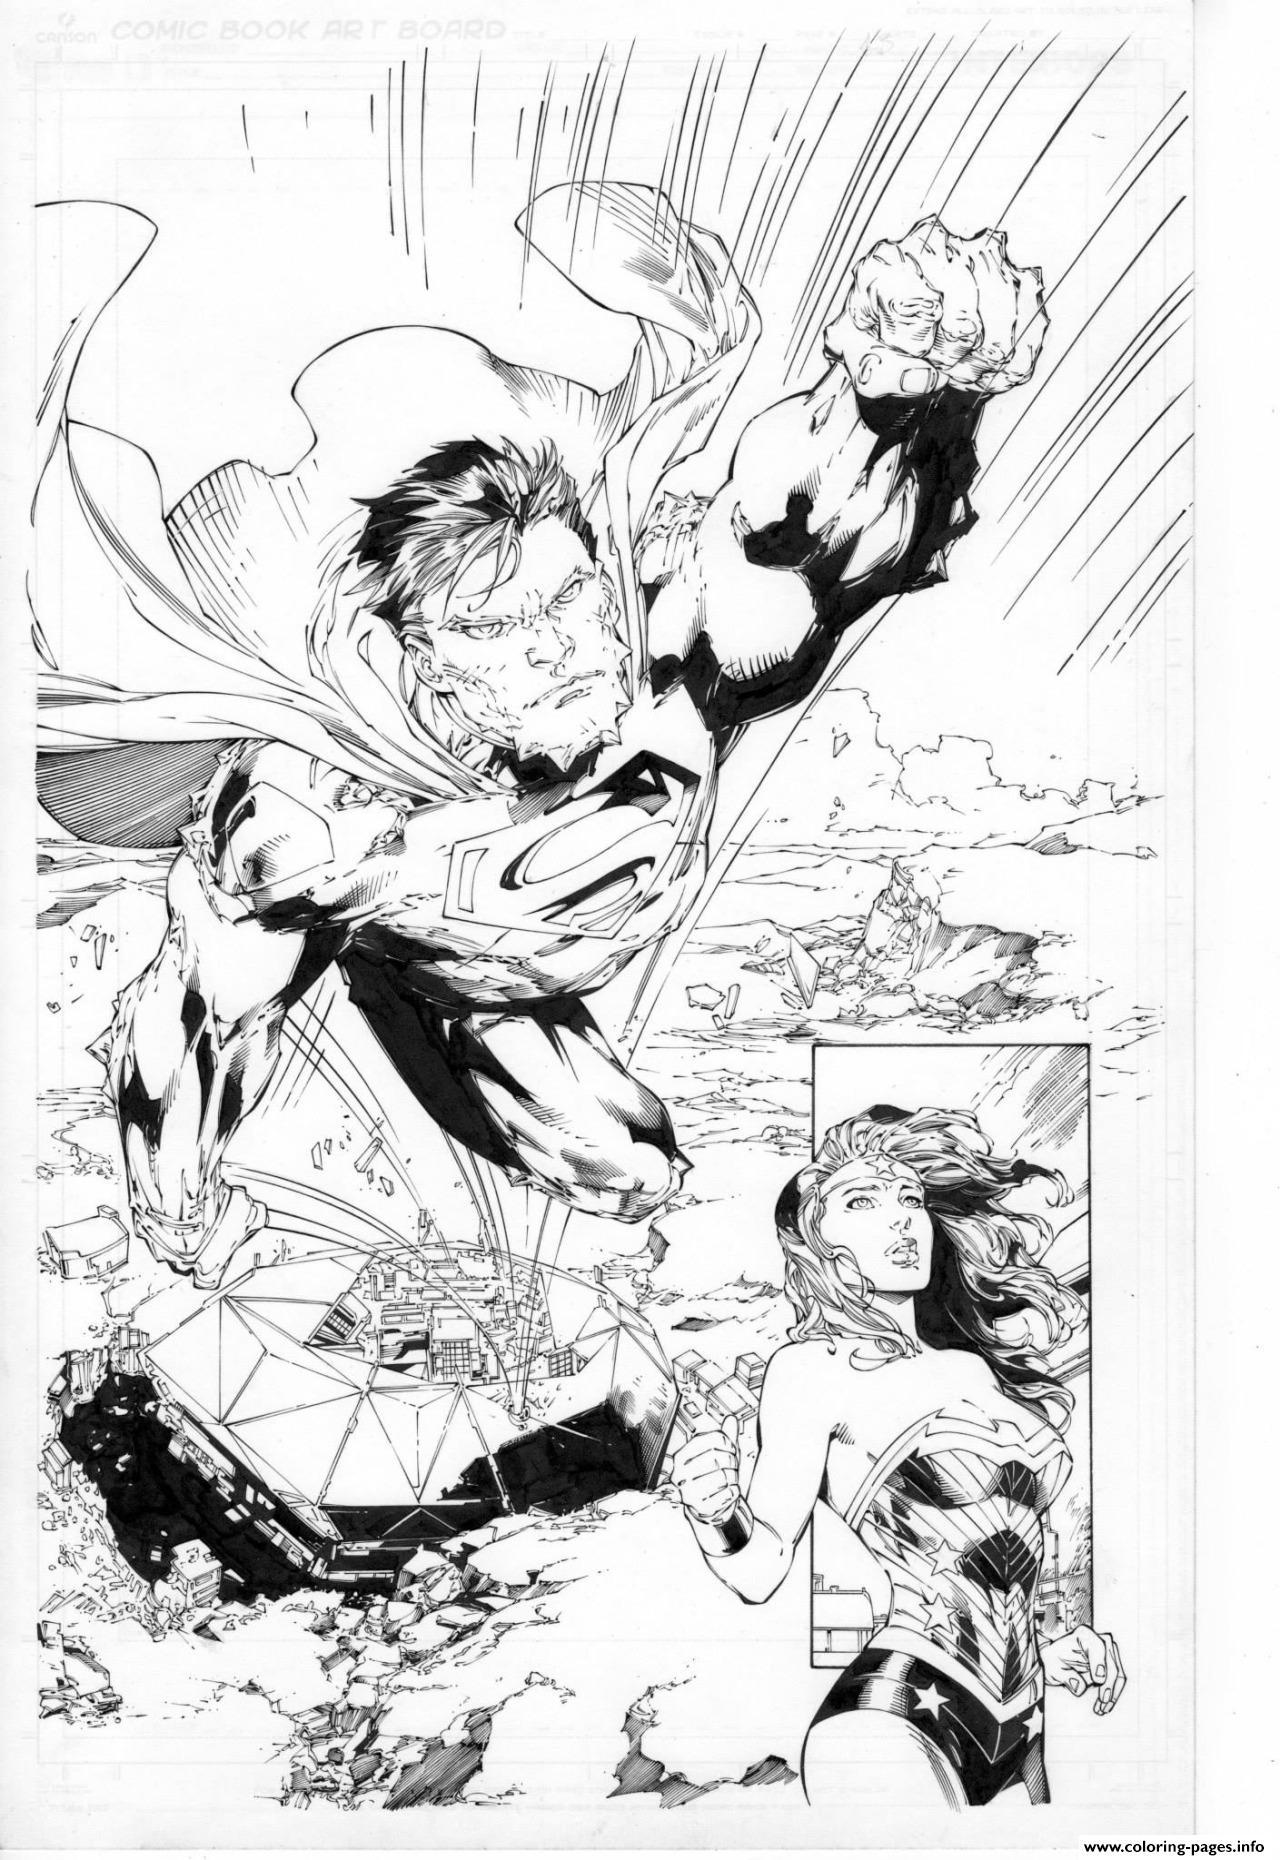 - Superman En Direction De Wonder Woman Dc Comics Coloring Pages